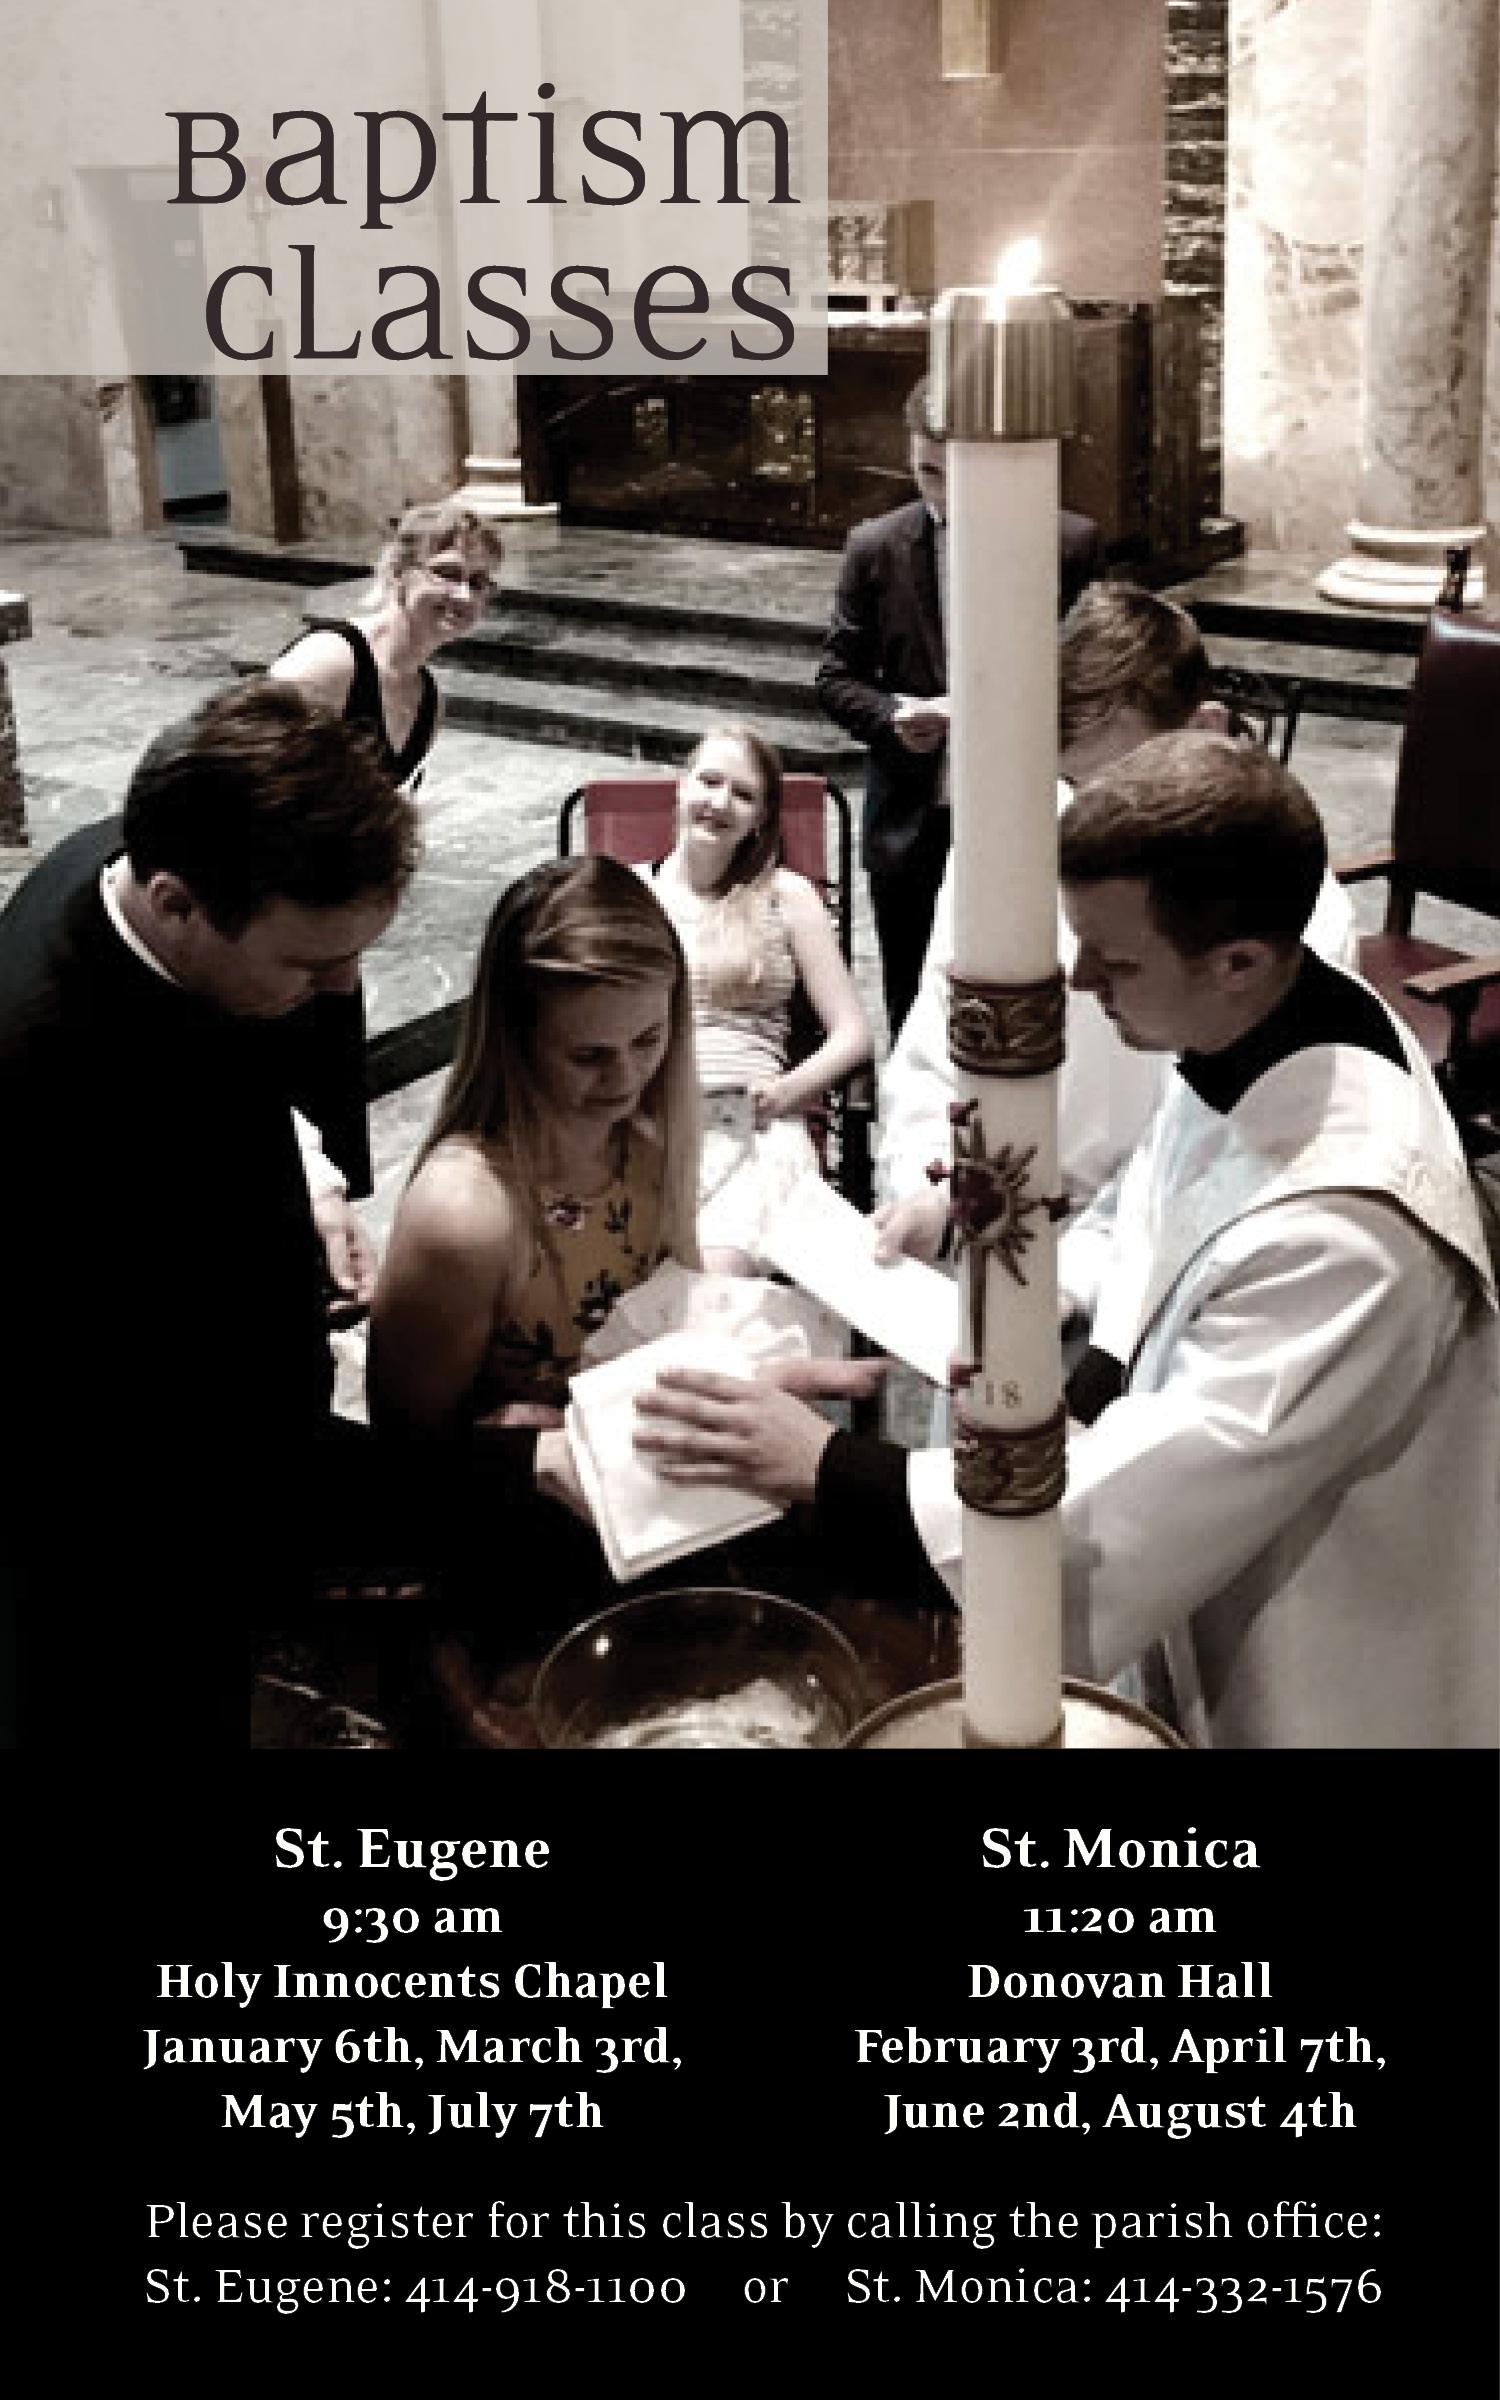 baptismclasses.jpg